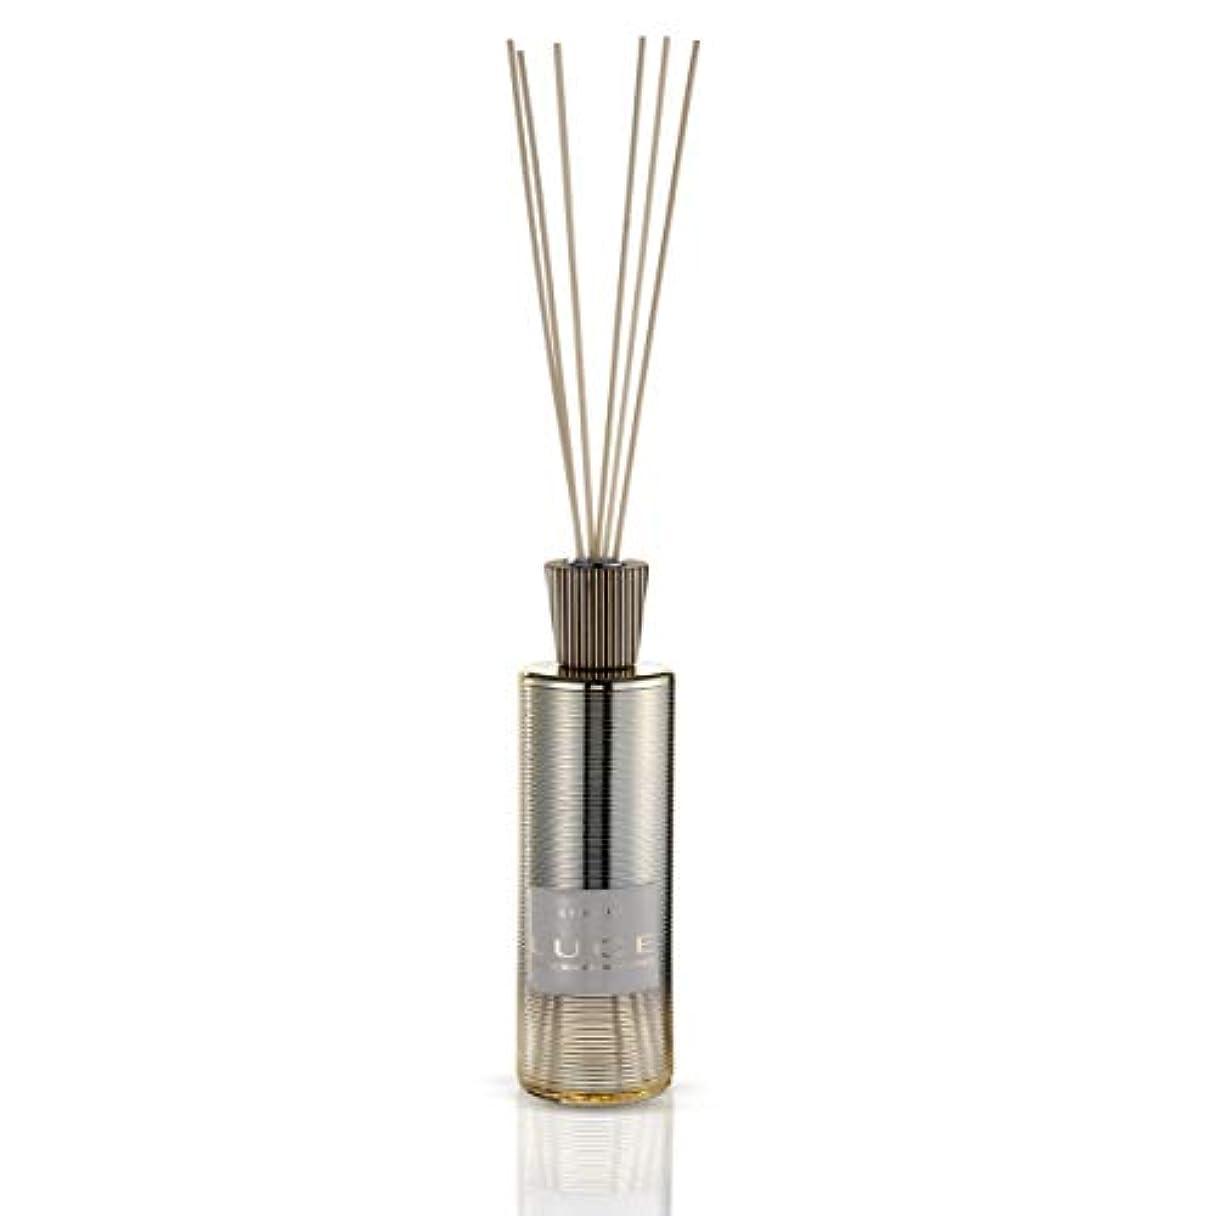 頬骨結婚式輝度LINARI リナーリ ルームディフューザー 500ml LUCE ルーチェ ナチュラルスティック natural stick room diffuser